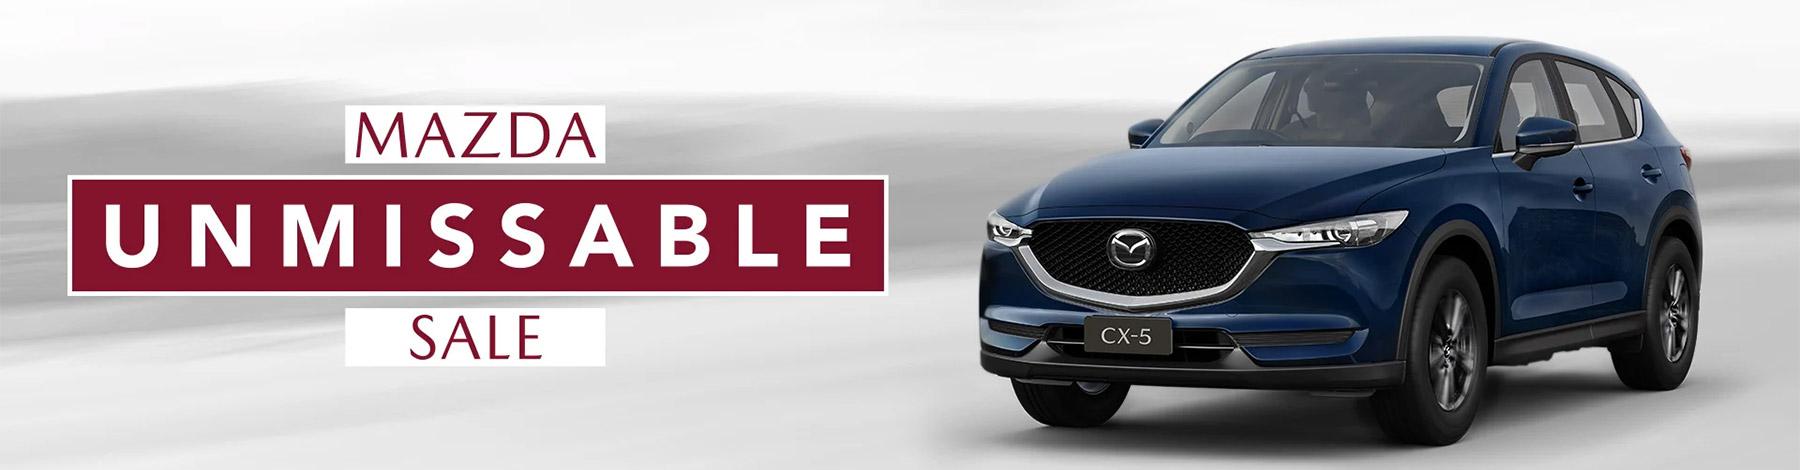 Mazda Unmissable Sale